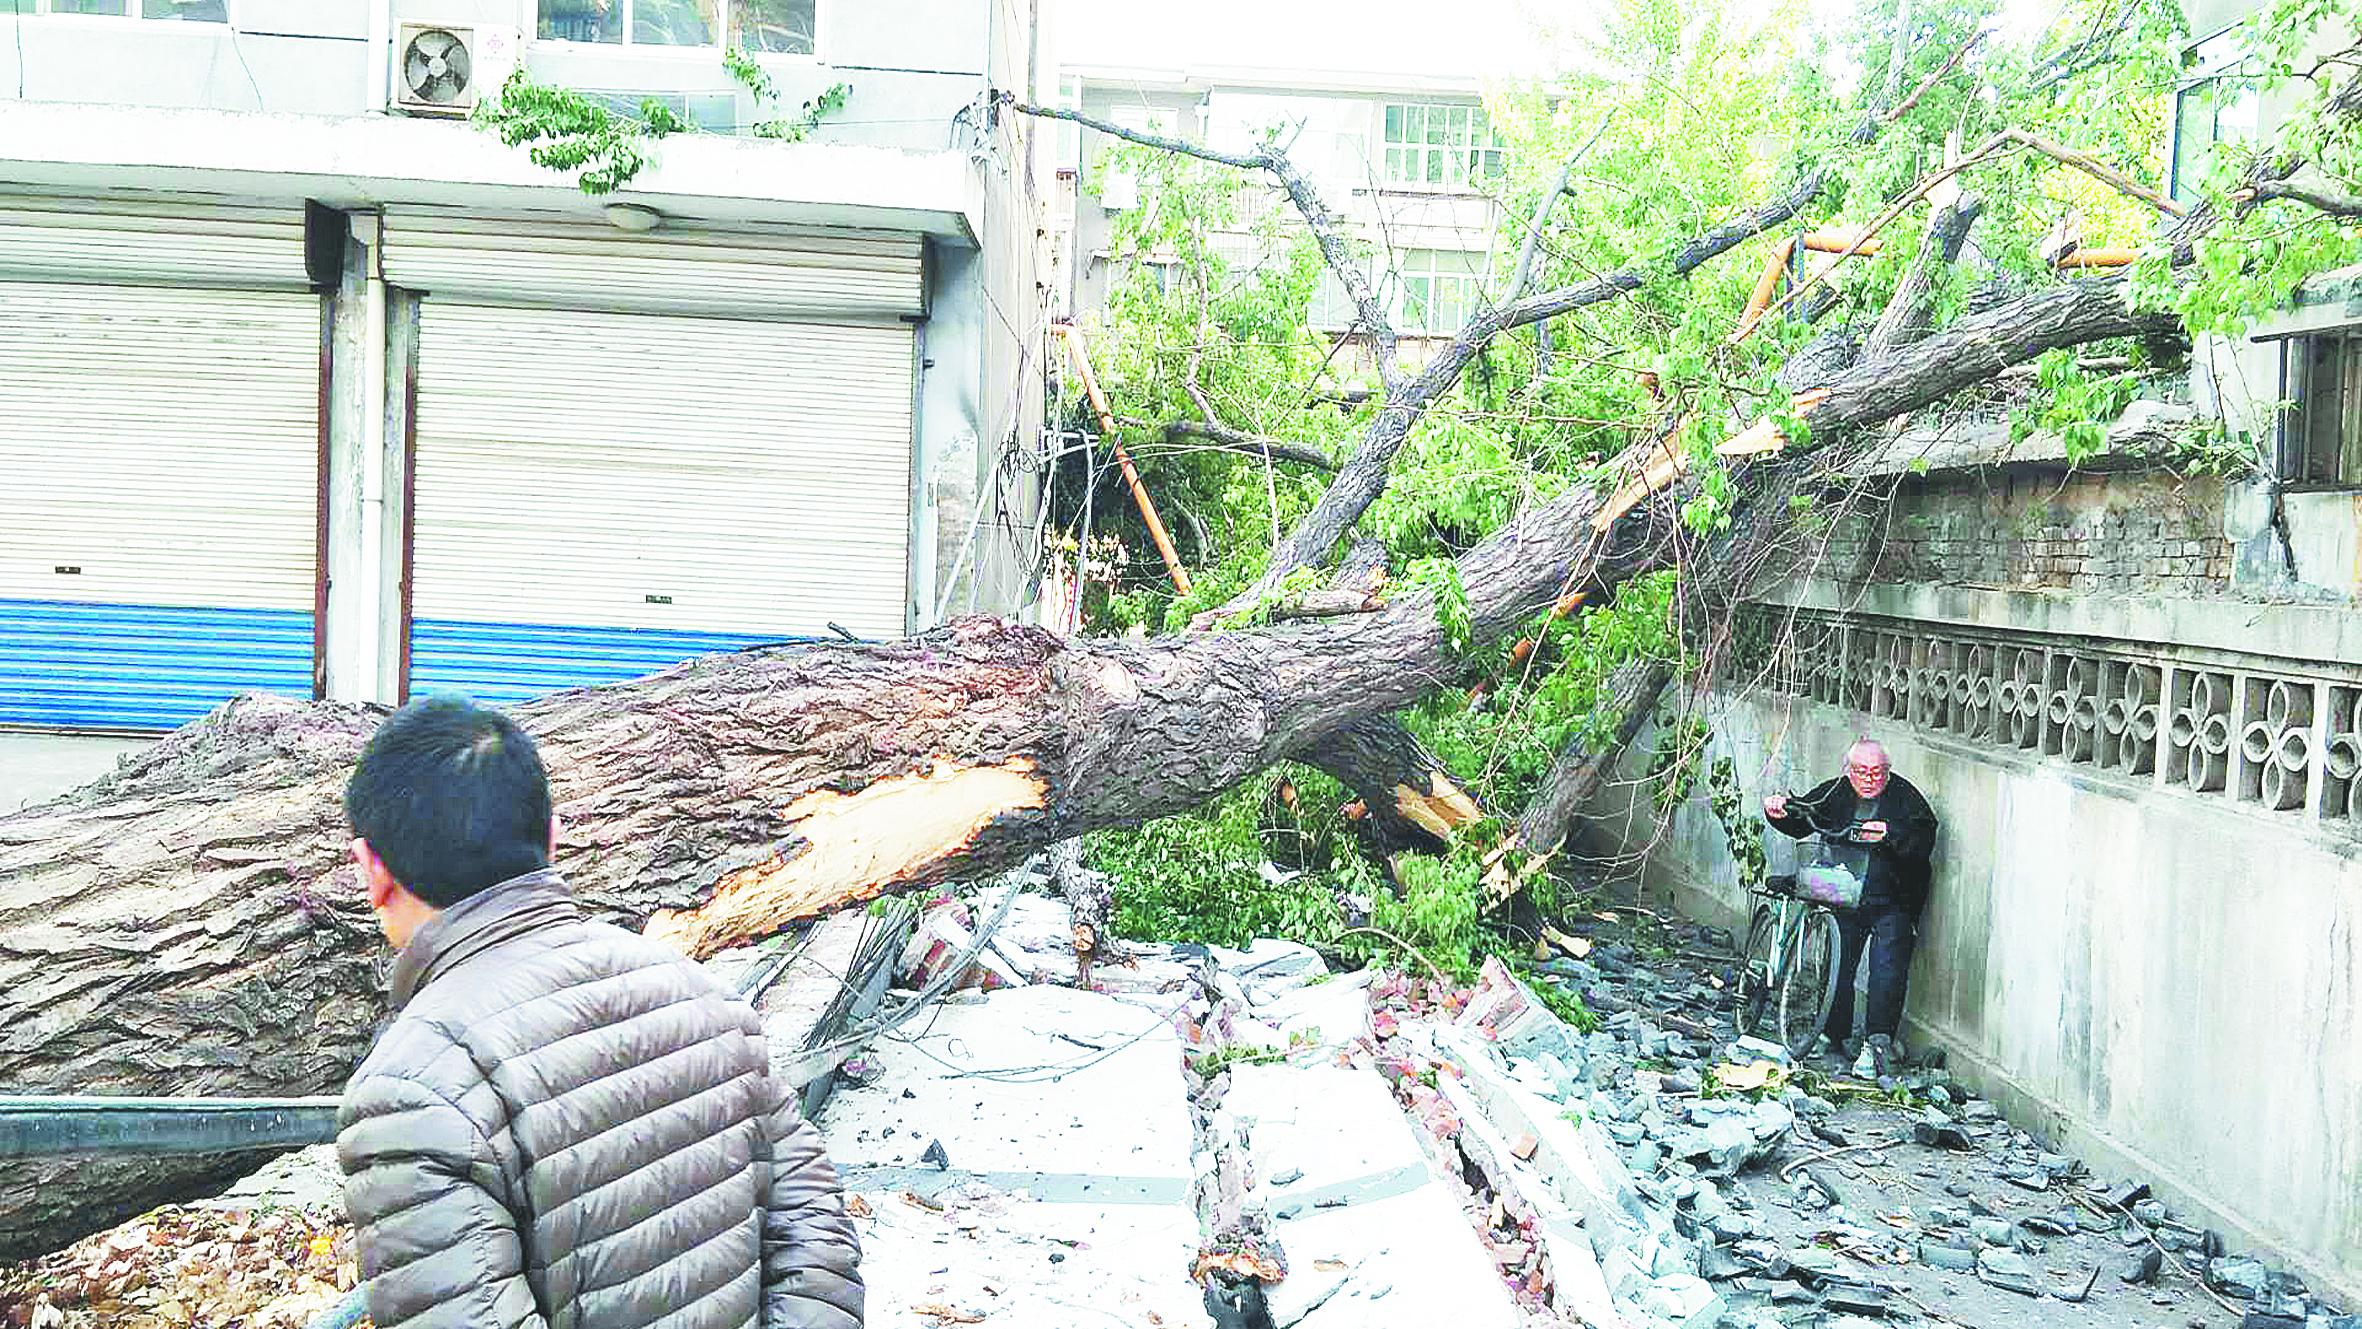 20米高大树半夜栽倒 砸毁院墙和燃气管道